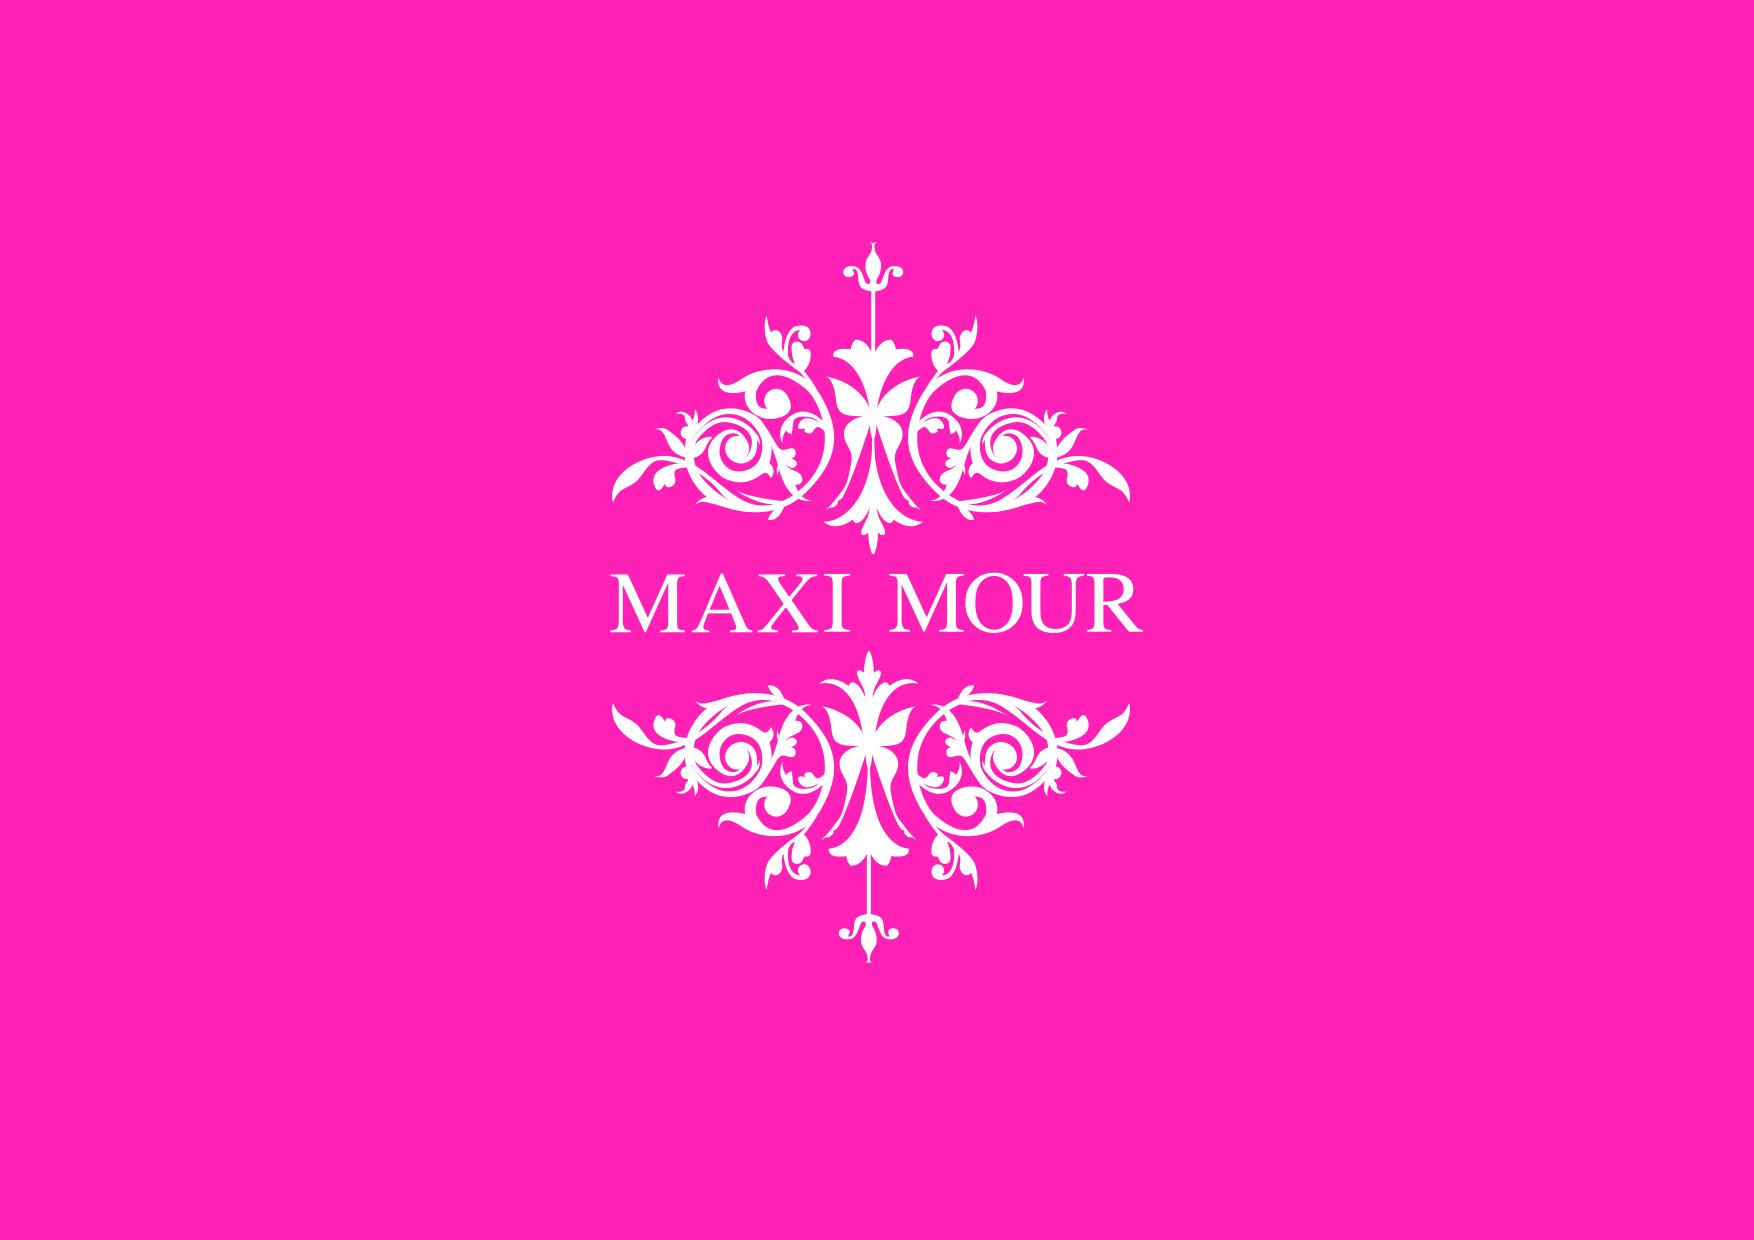 Maxi Mour logo